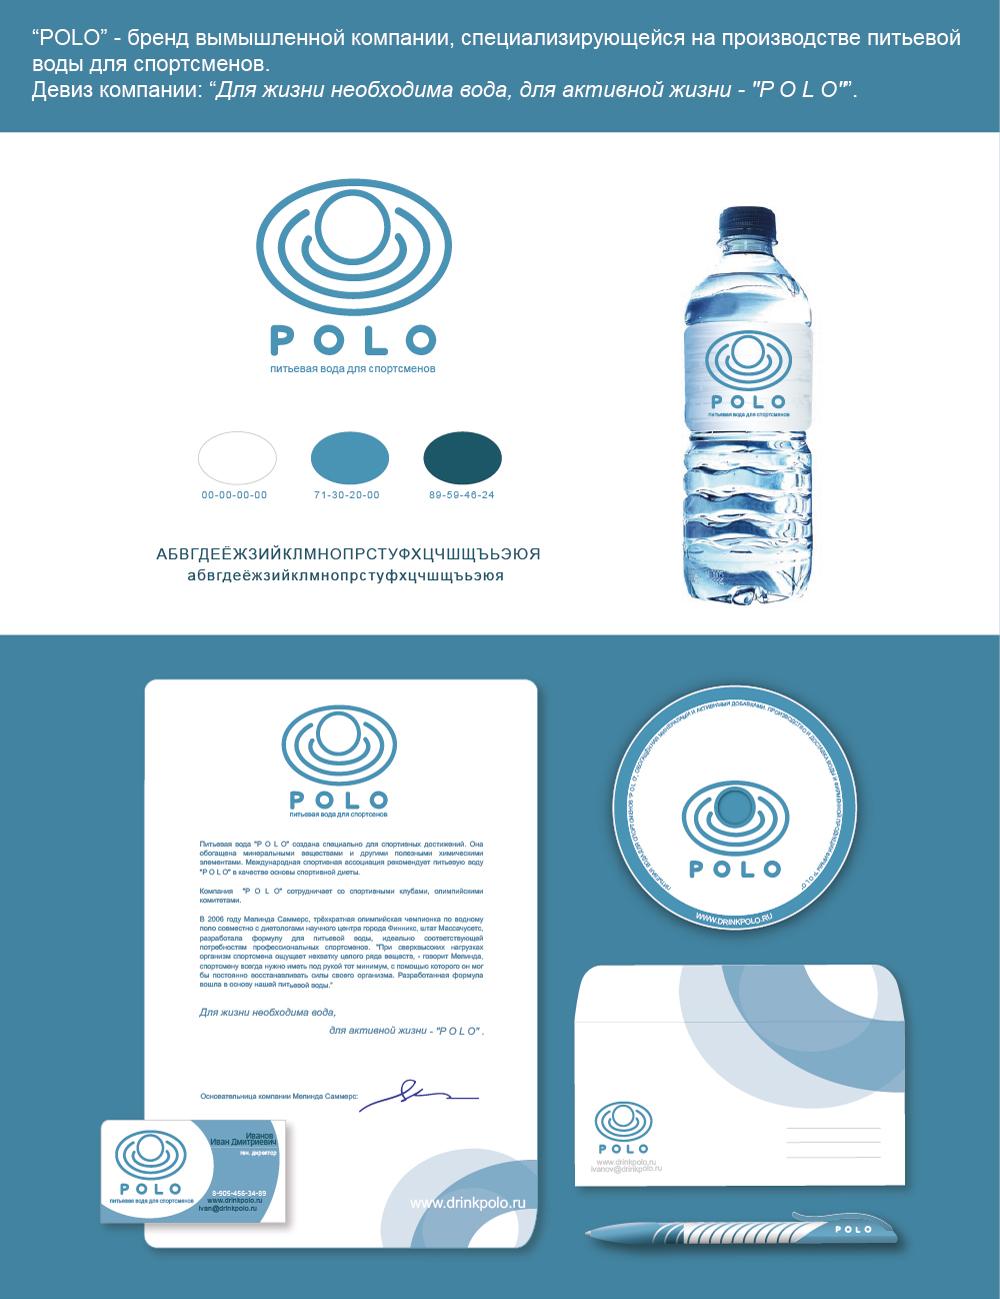 POLO-Лого,визитка,бланк,ручка,конверт,CD